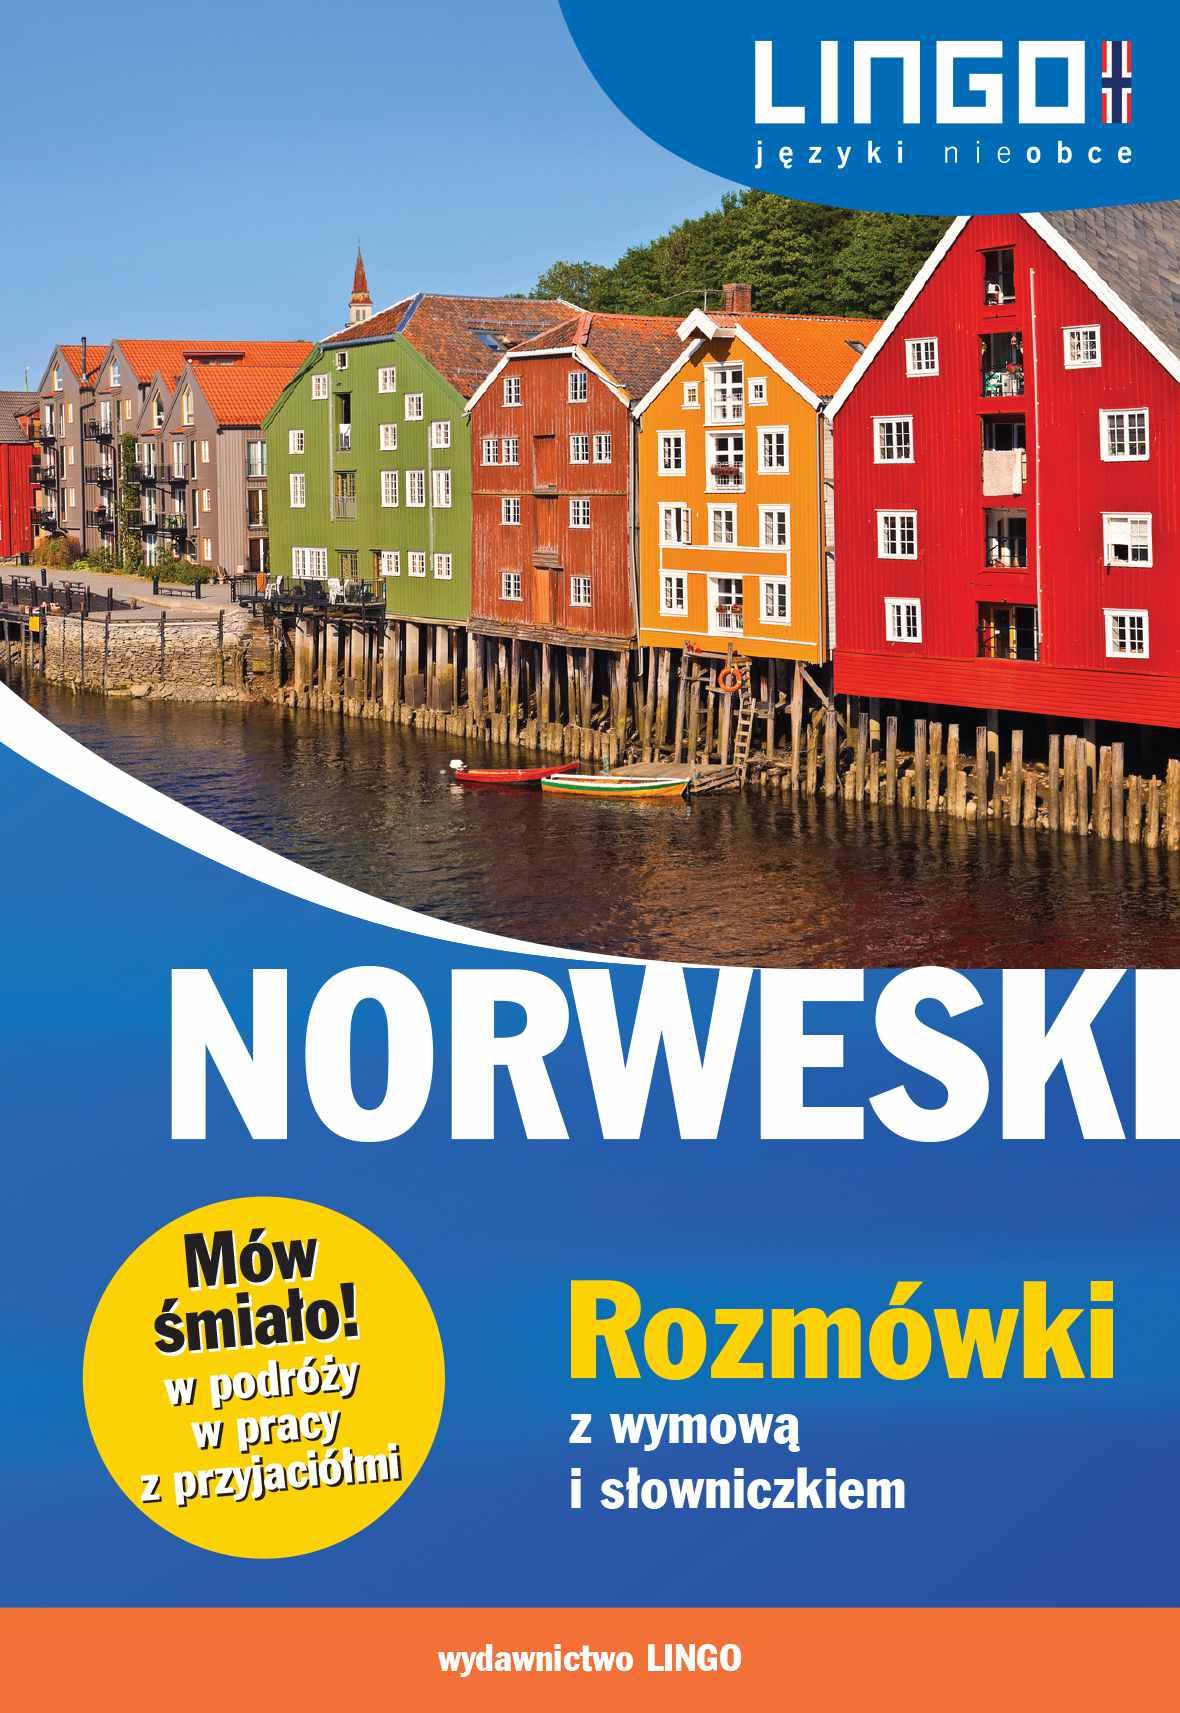 Norweski. Rozmówki z wymową i słowniczkiem - Ebook (Książka PDF) do pobrania w formacie PDF